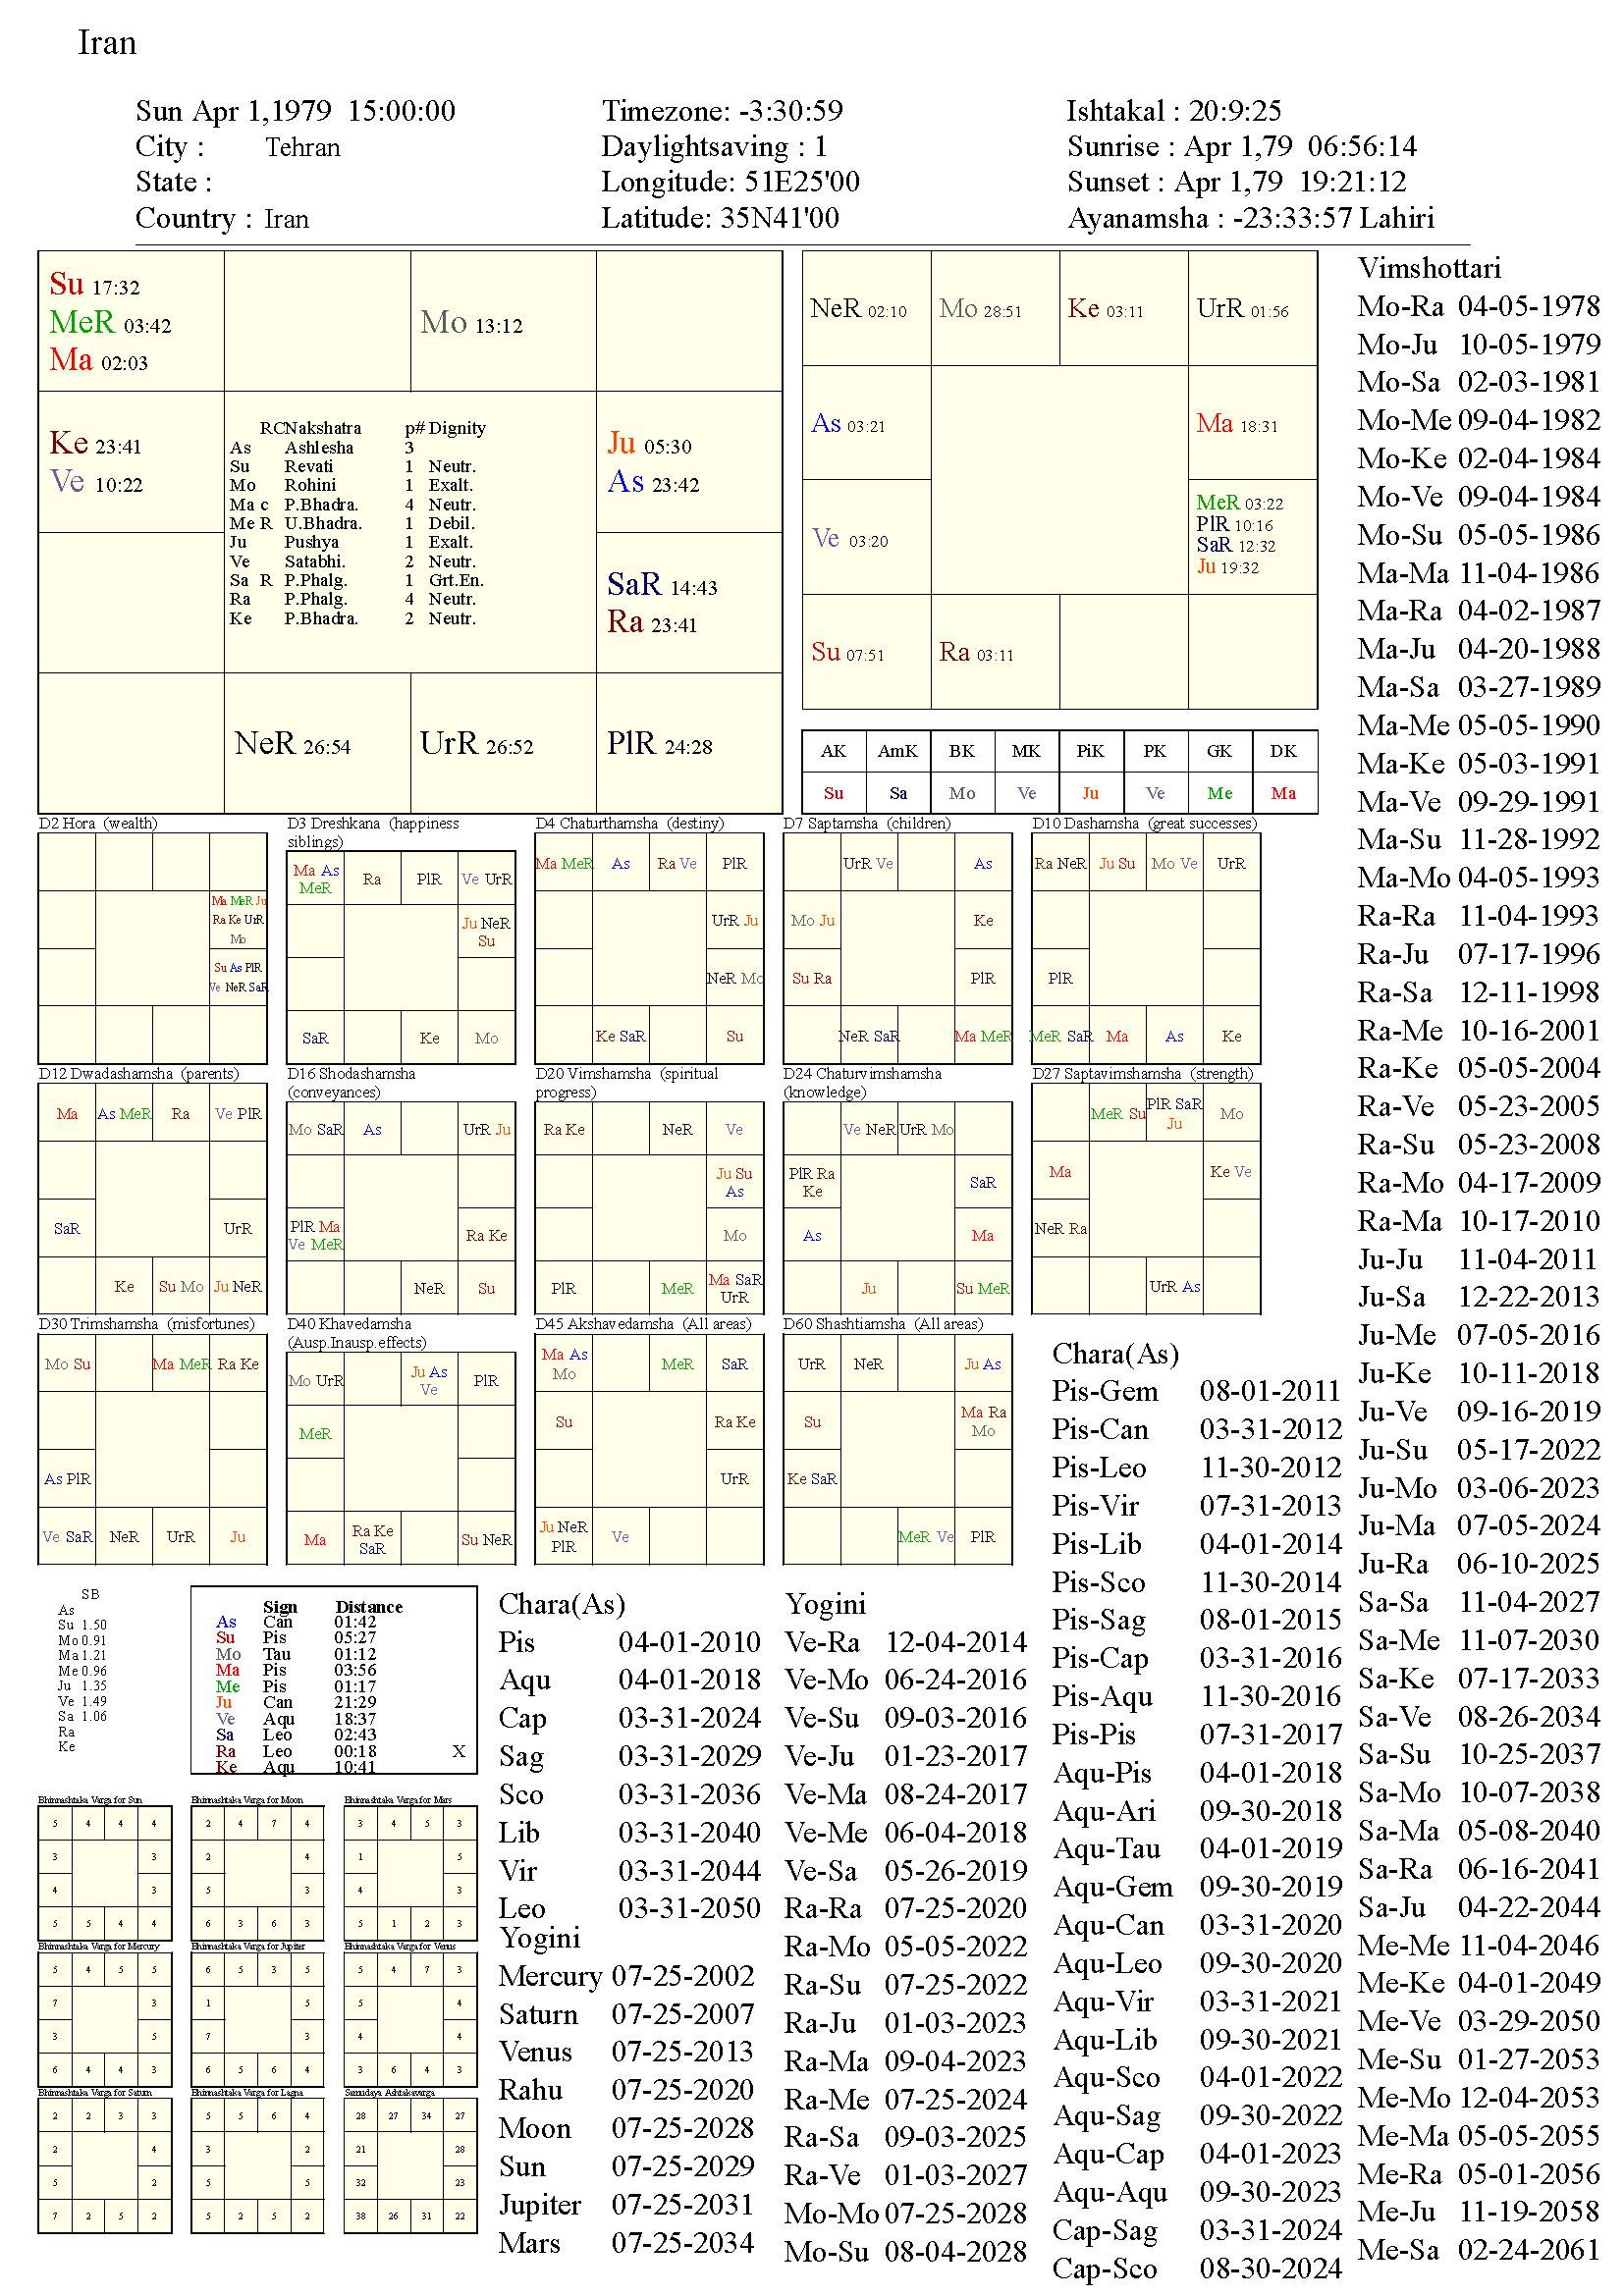 Iran_chart